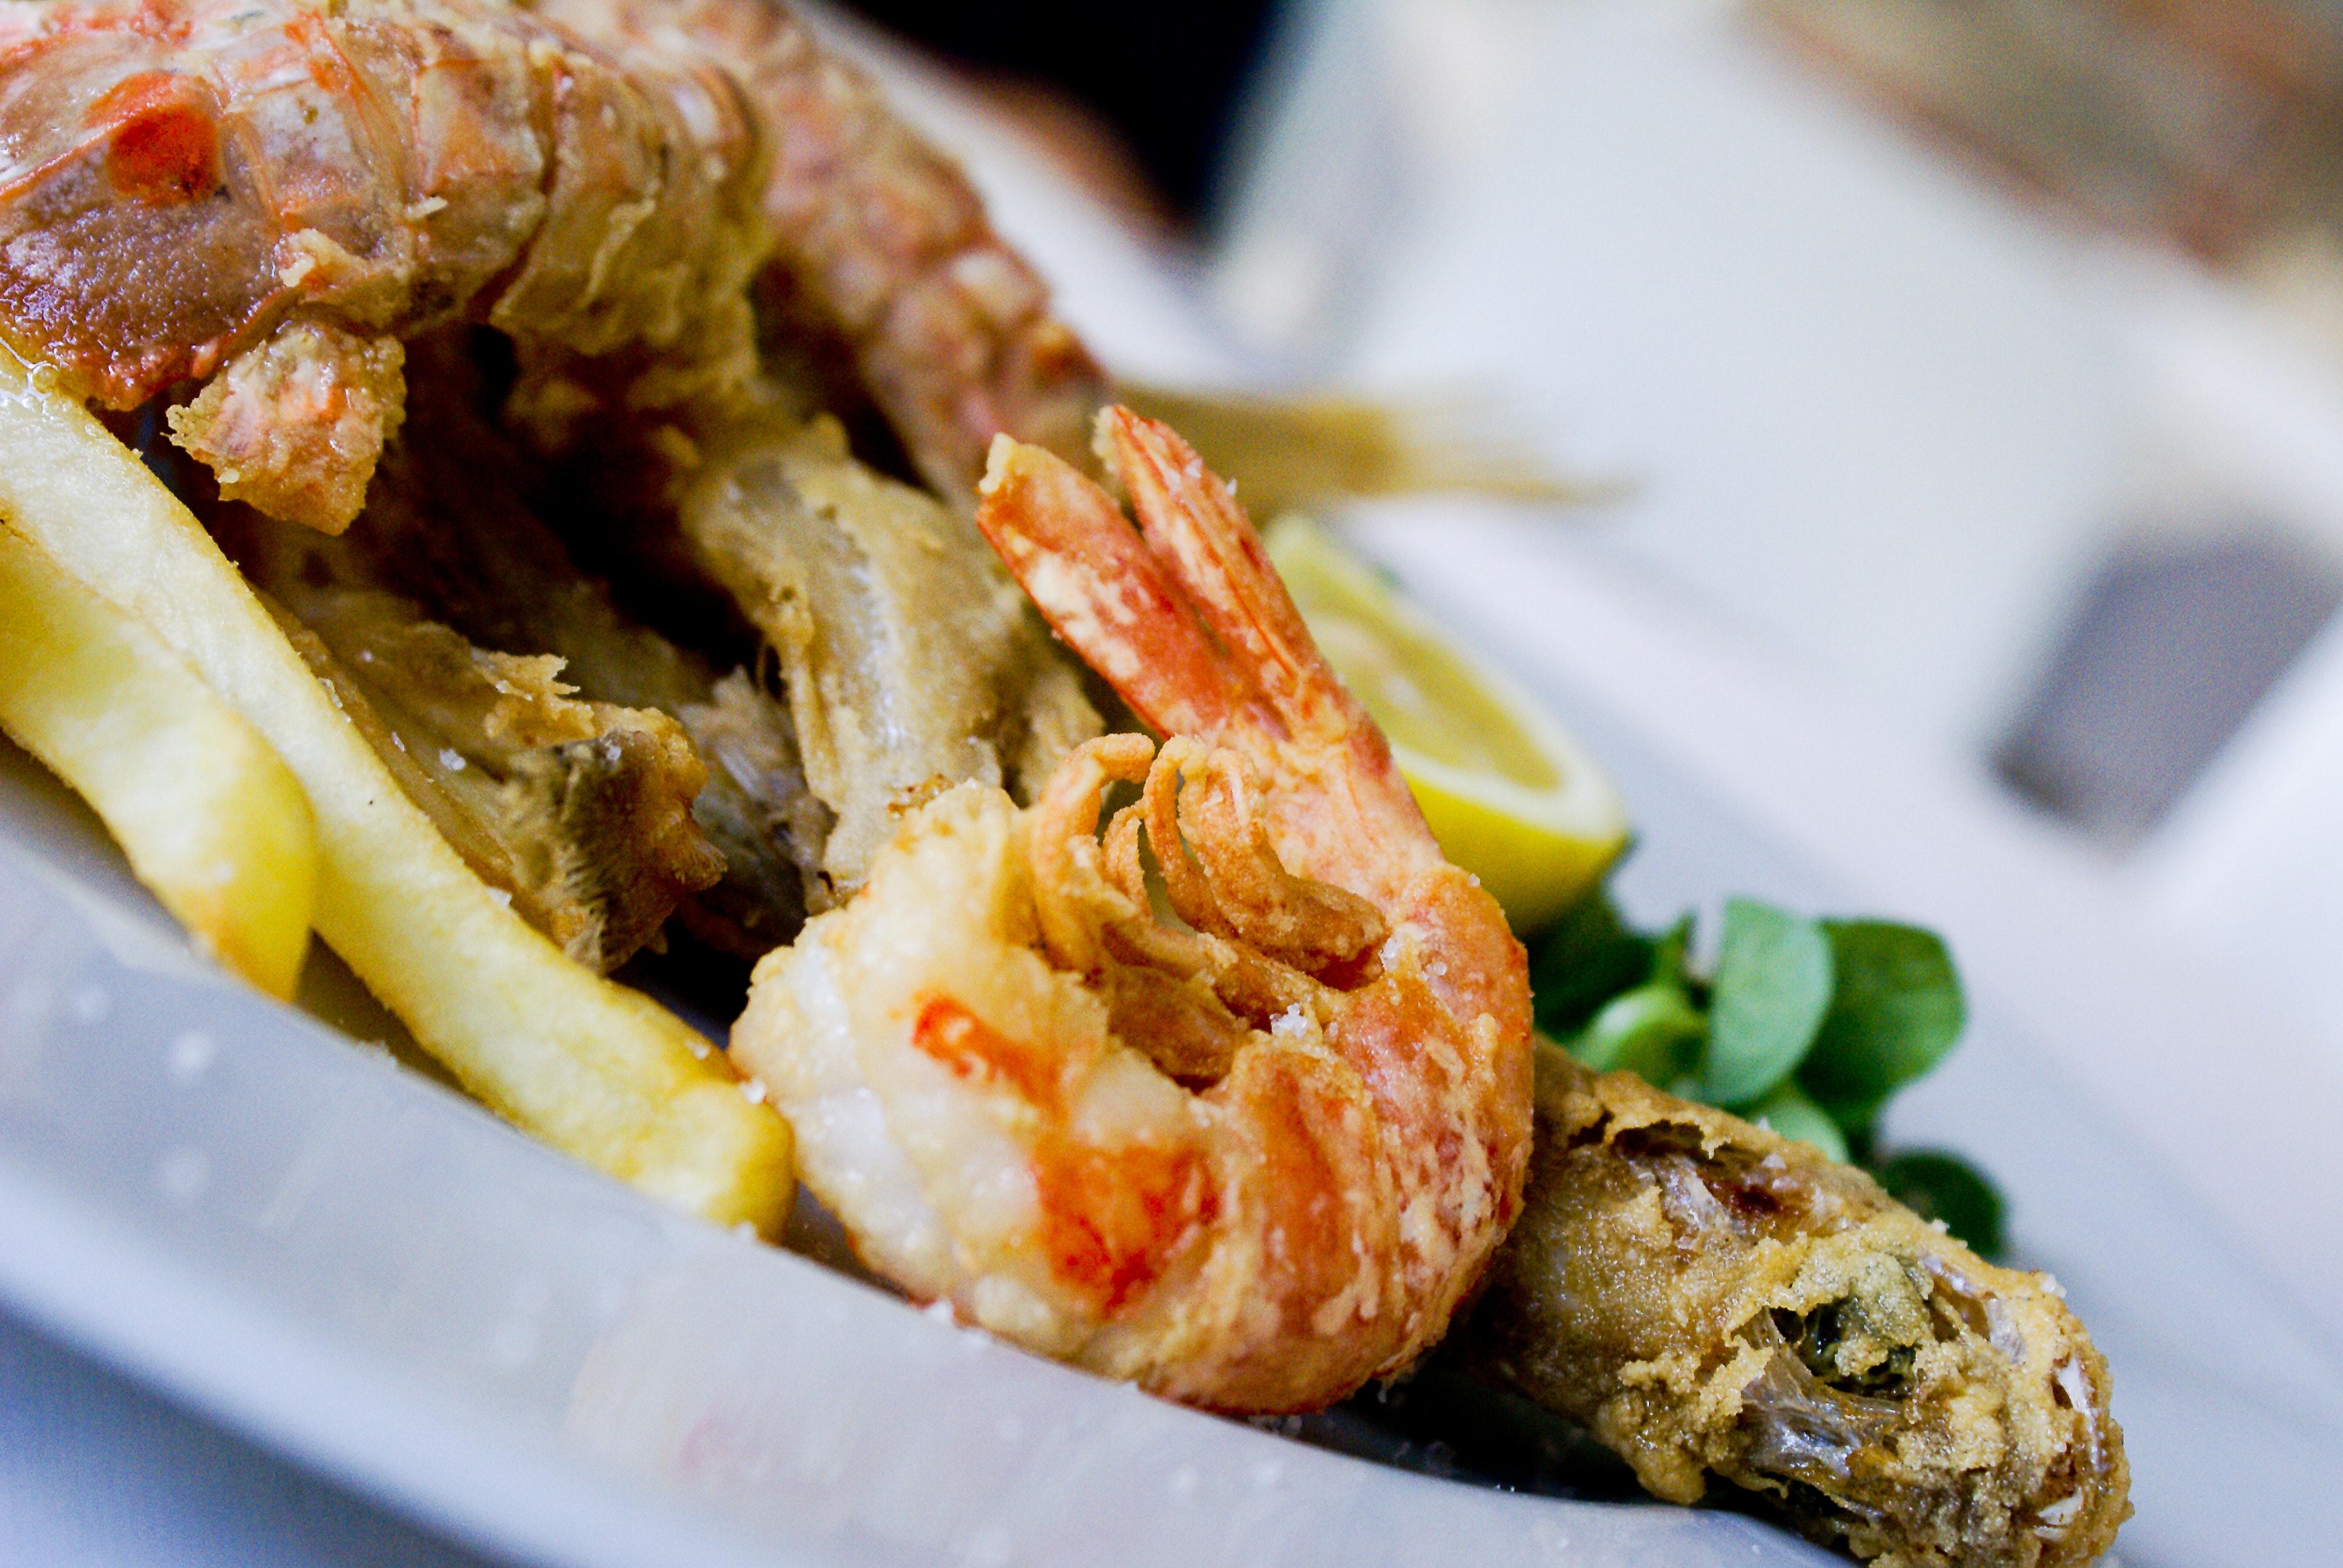 Shrimp dish photo